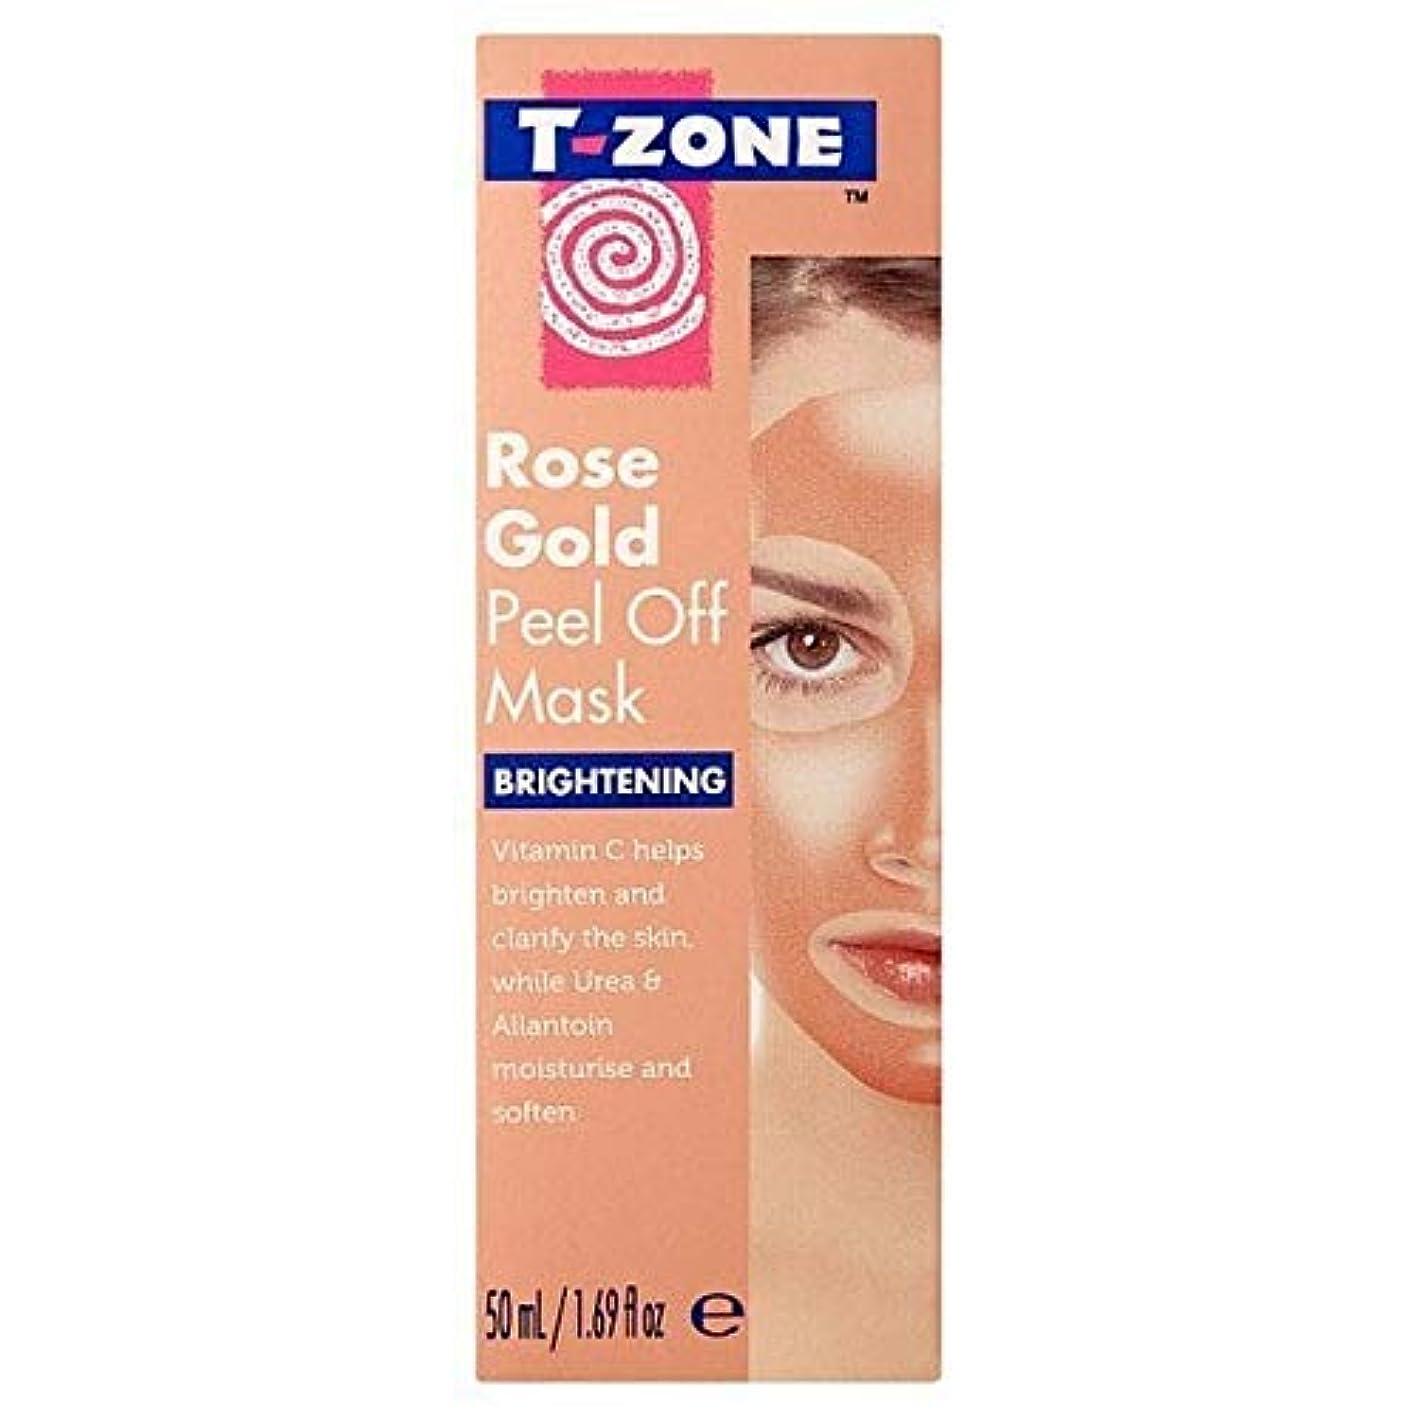 支出良さ感嘆[T-Zone] Tゾーンは、金マスク50ミリリットルを明るくはがしバラ - T-Zone Rose Gold Peel Off Brightening Mask 50ml [並行輸入品]